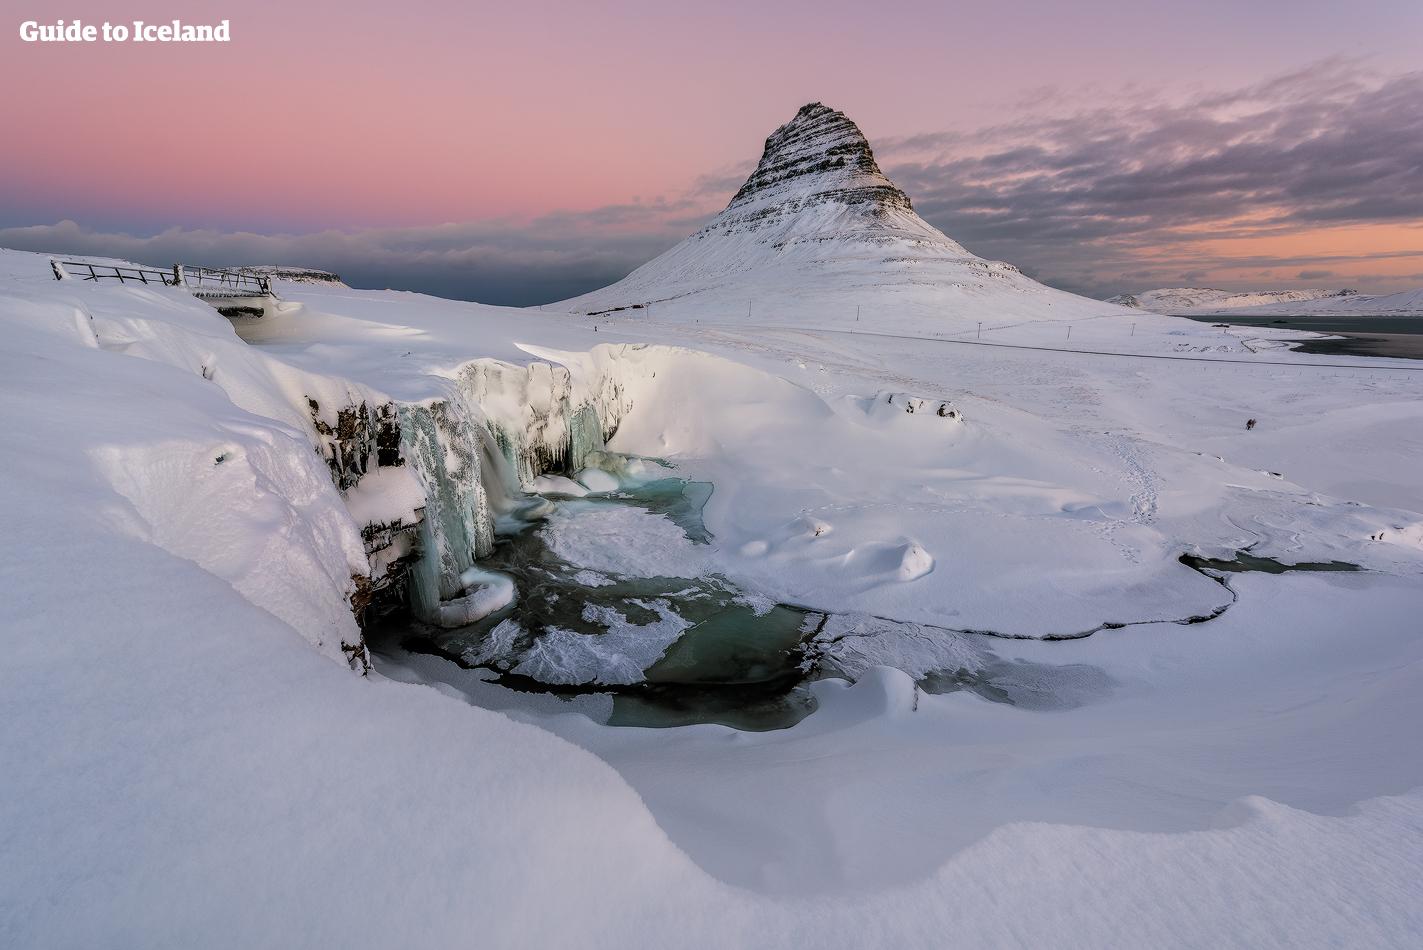 """Snæfellsnes-halvøen, eller """"miniatureudgaven af Island"""", som det også er kendt som, er smuk hele året, men har et mere mystisk skær om vinteren."""